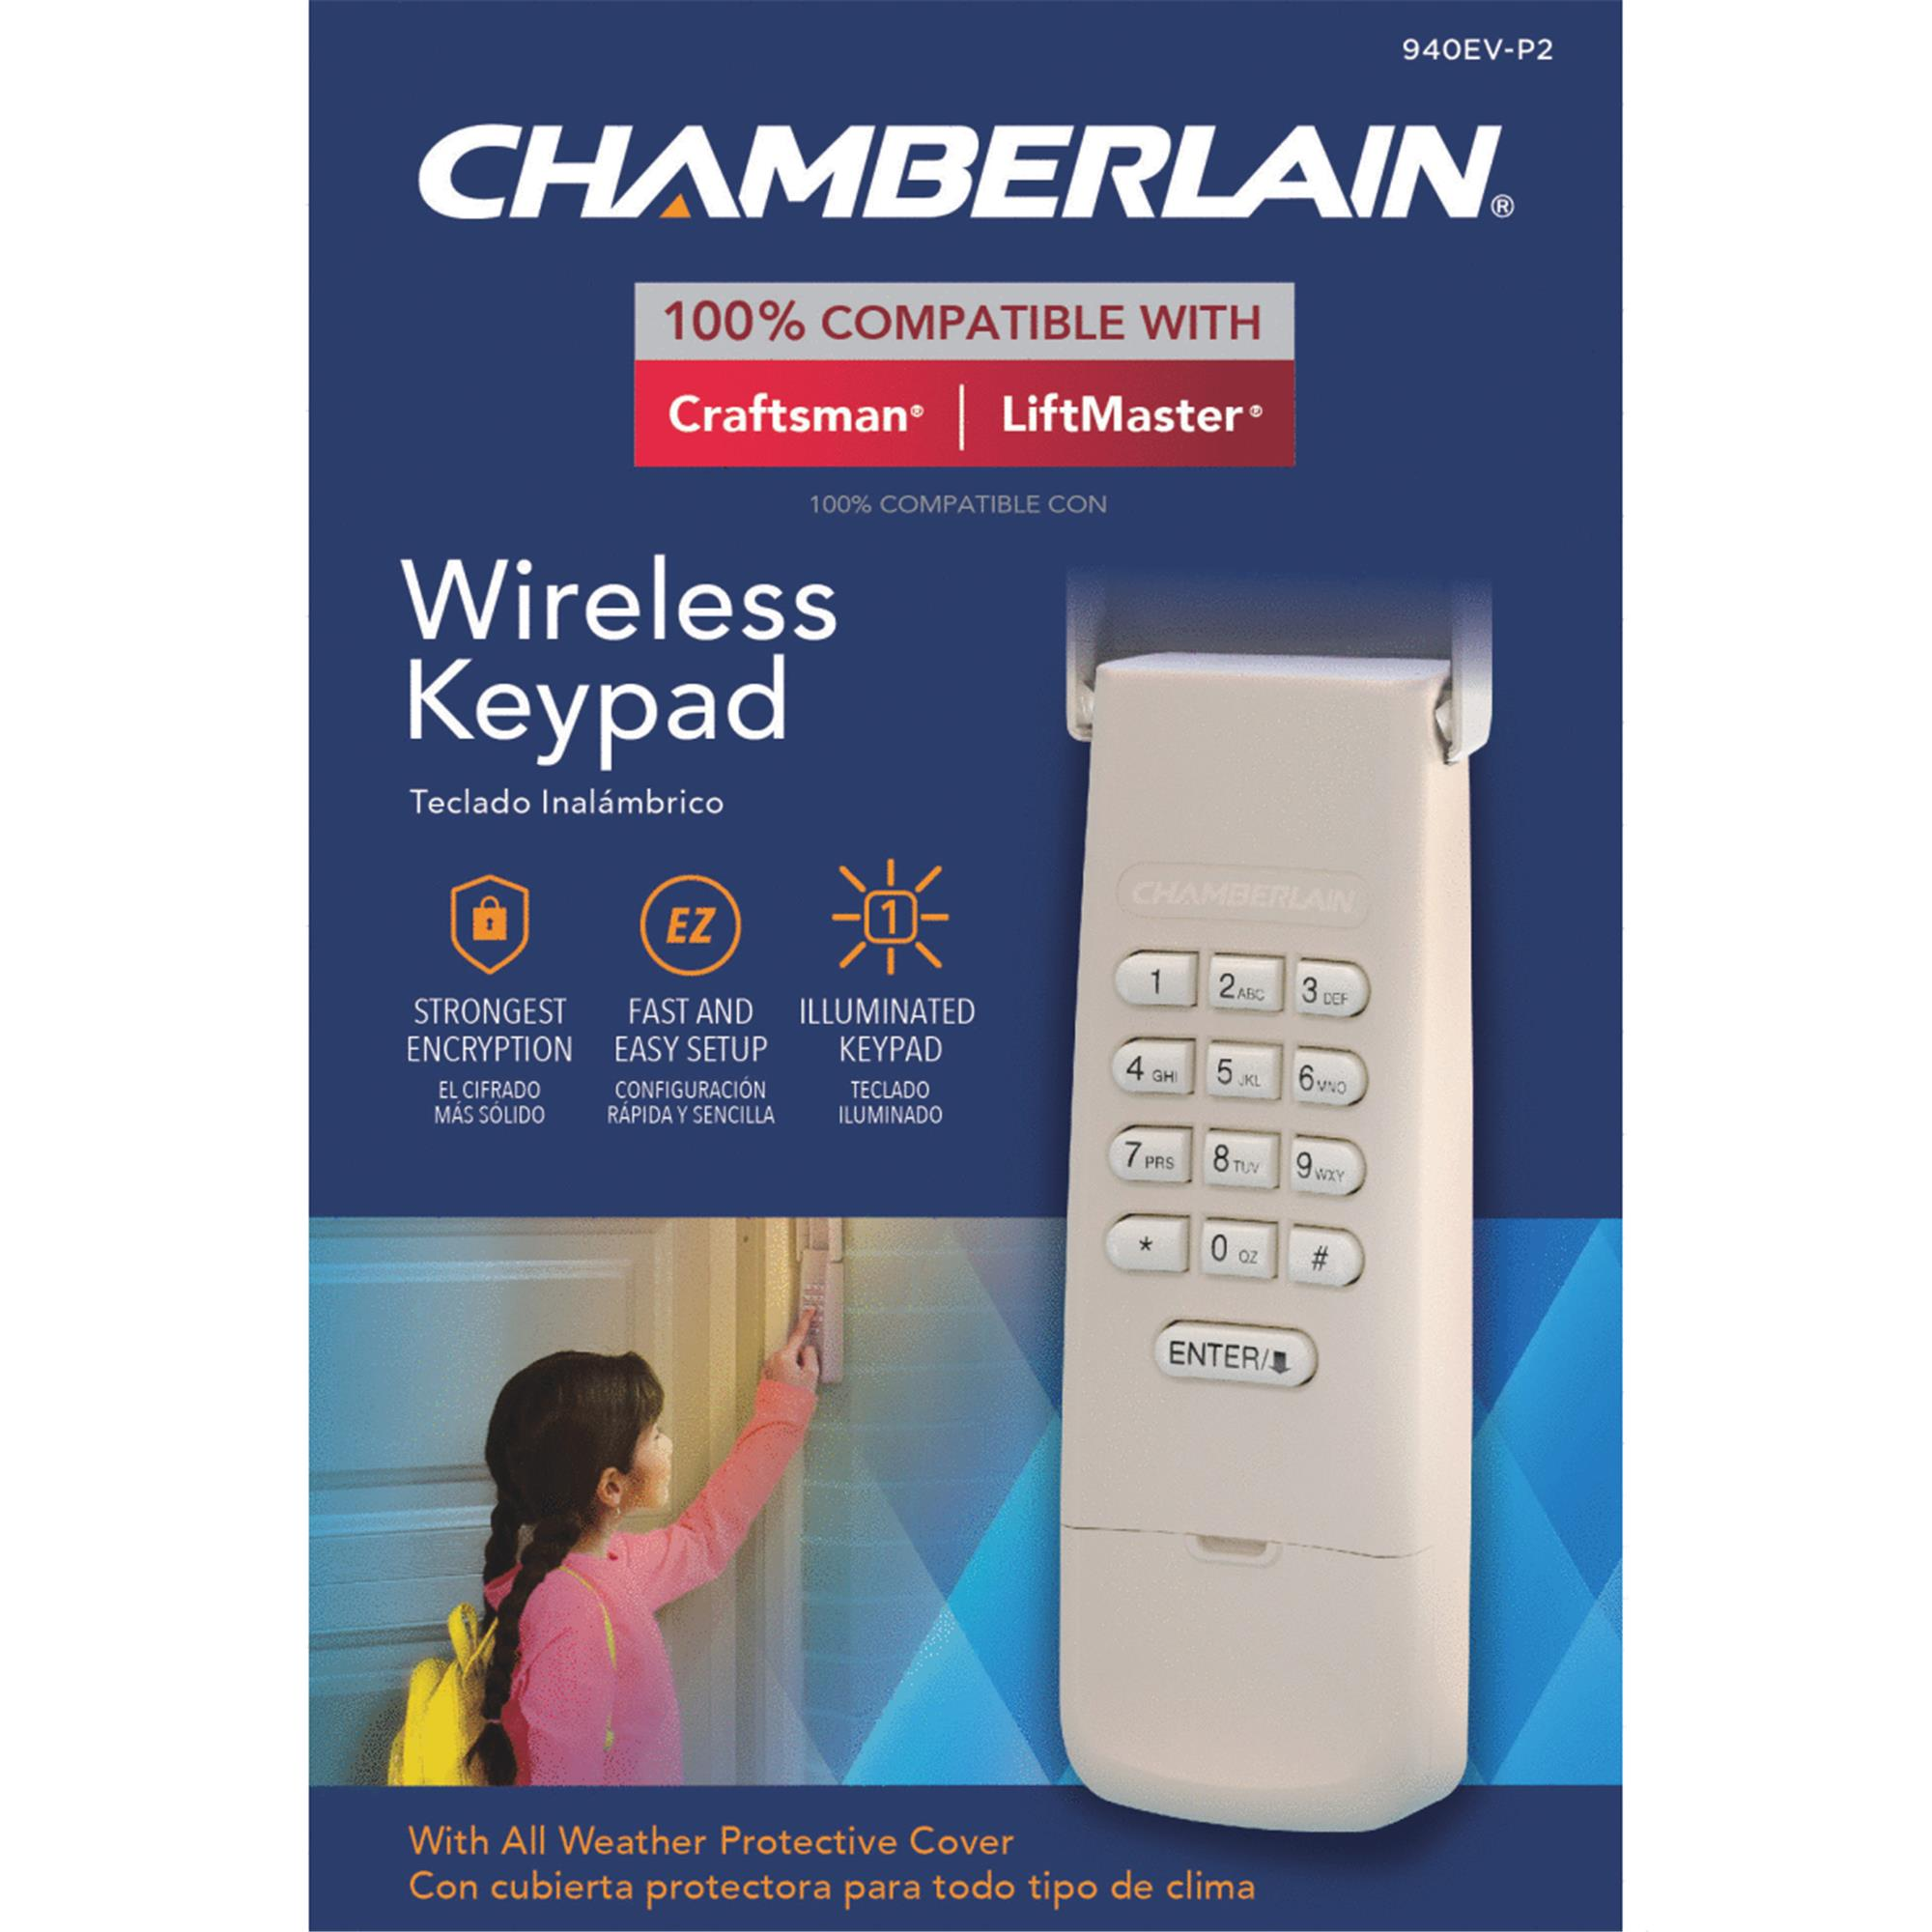 Chamberlain Garage Door Wireless Keyless Entry by CHAMBERLAIN CORP